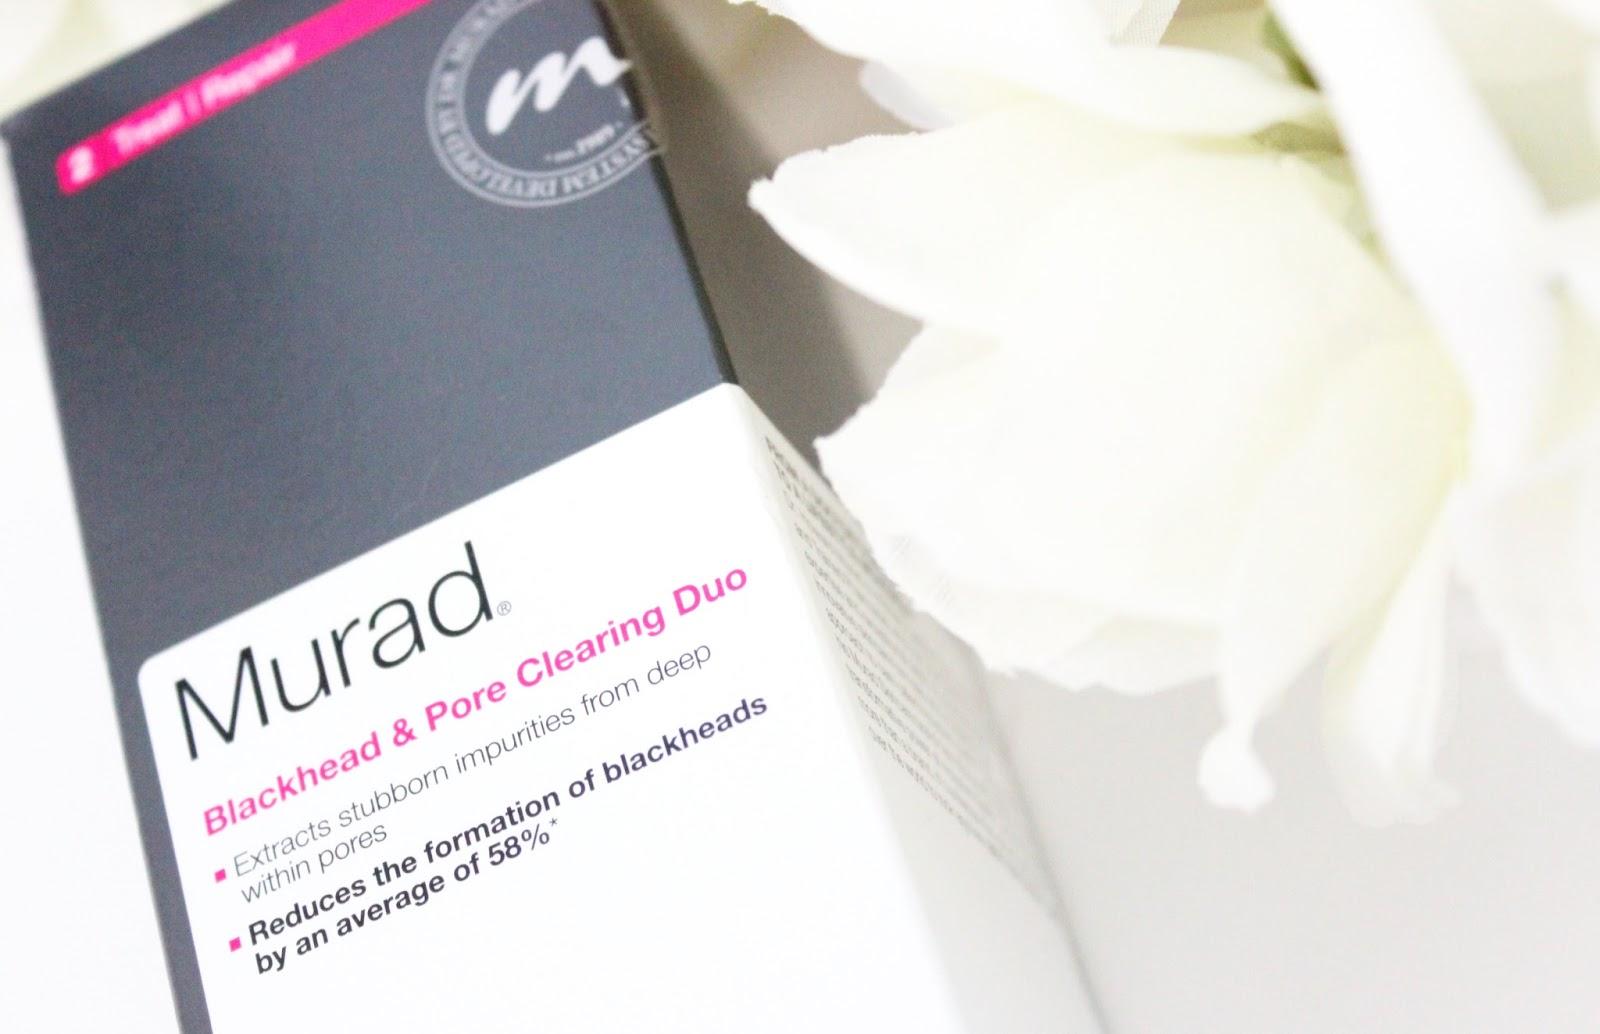 Murad Blackhead remover